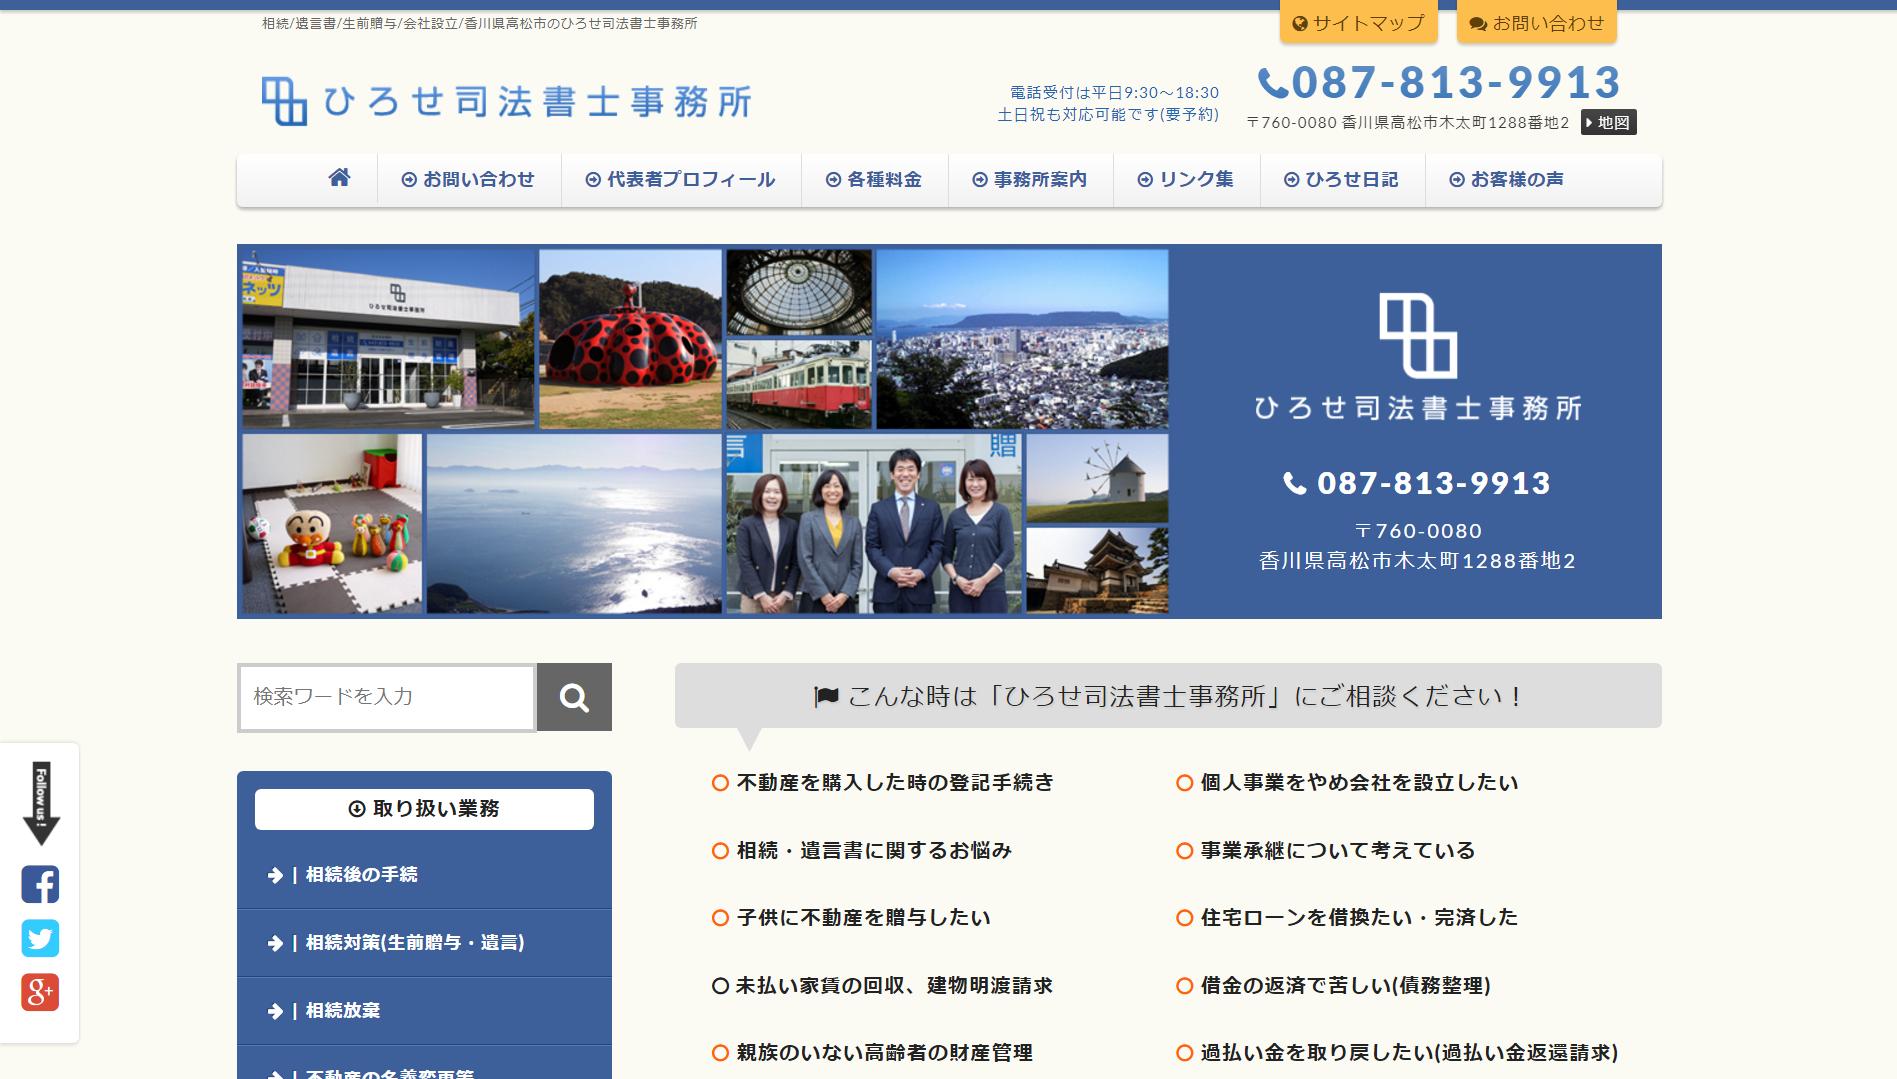 ひろせ司法書士事務所(香川県高松市天神前)